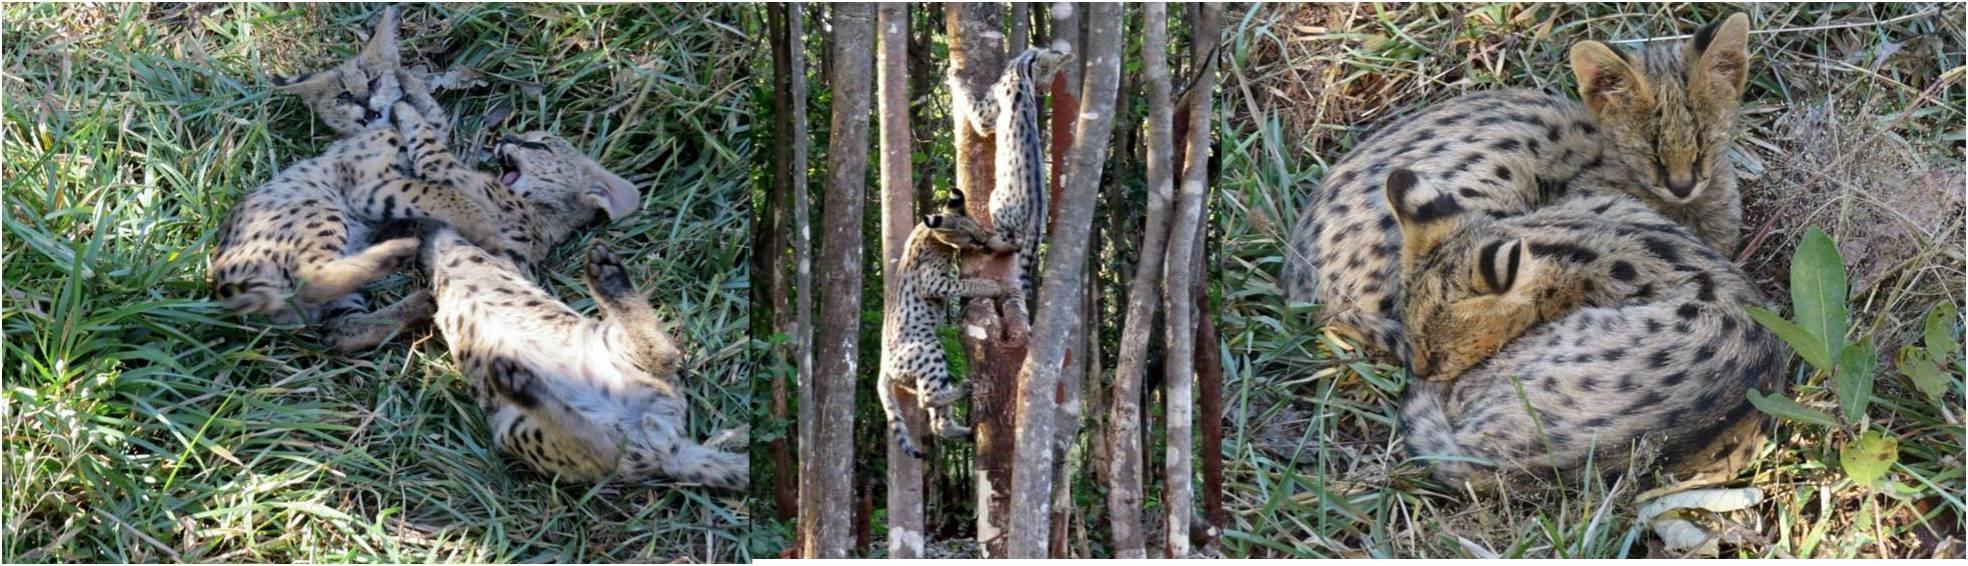 servals2